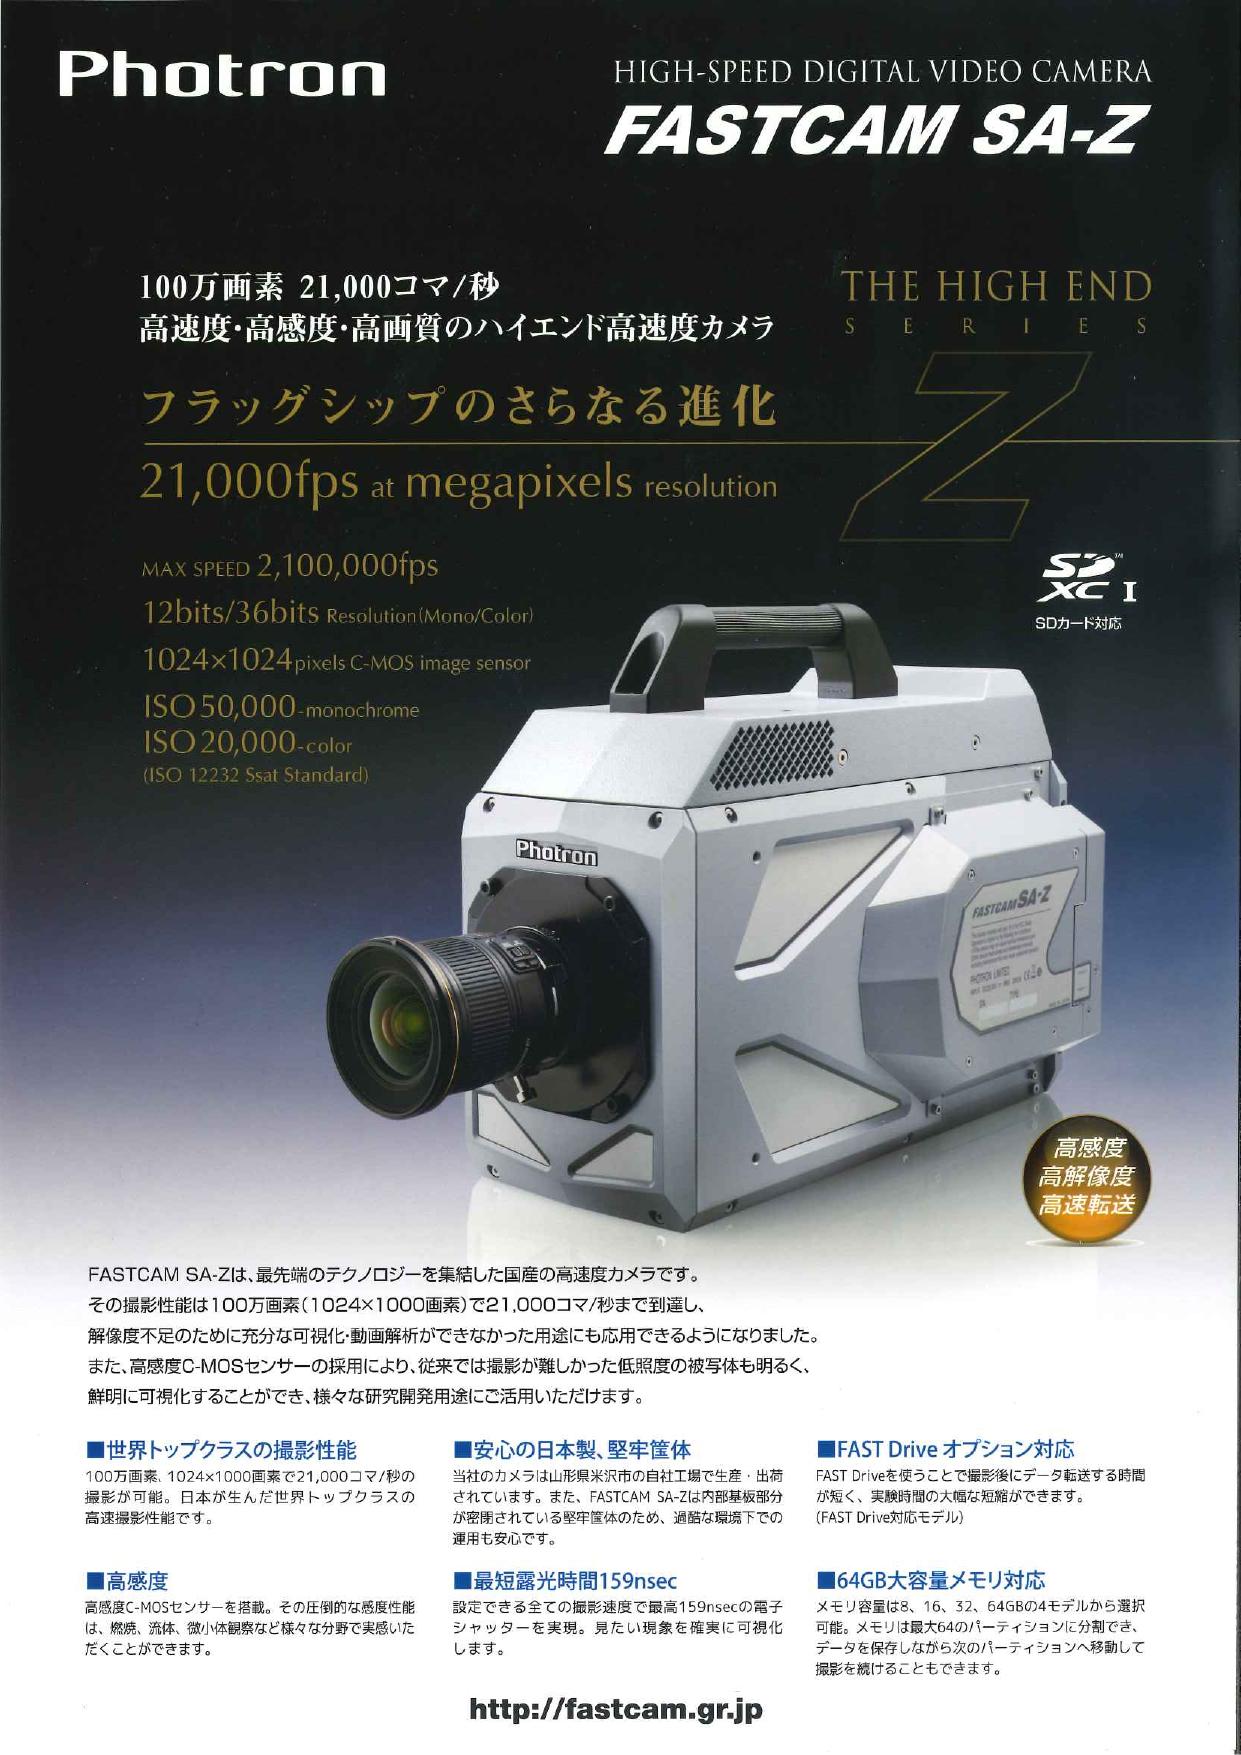 100万画素 21,000コマ/秒 高速度・高感度・高画質のハイエンド高速度カメラ